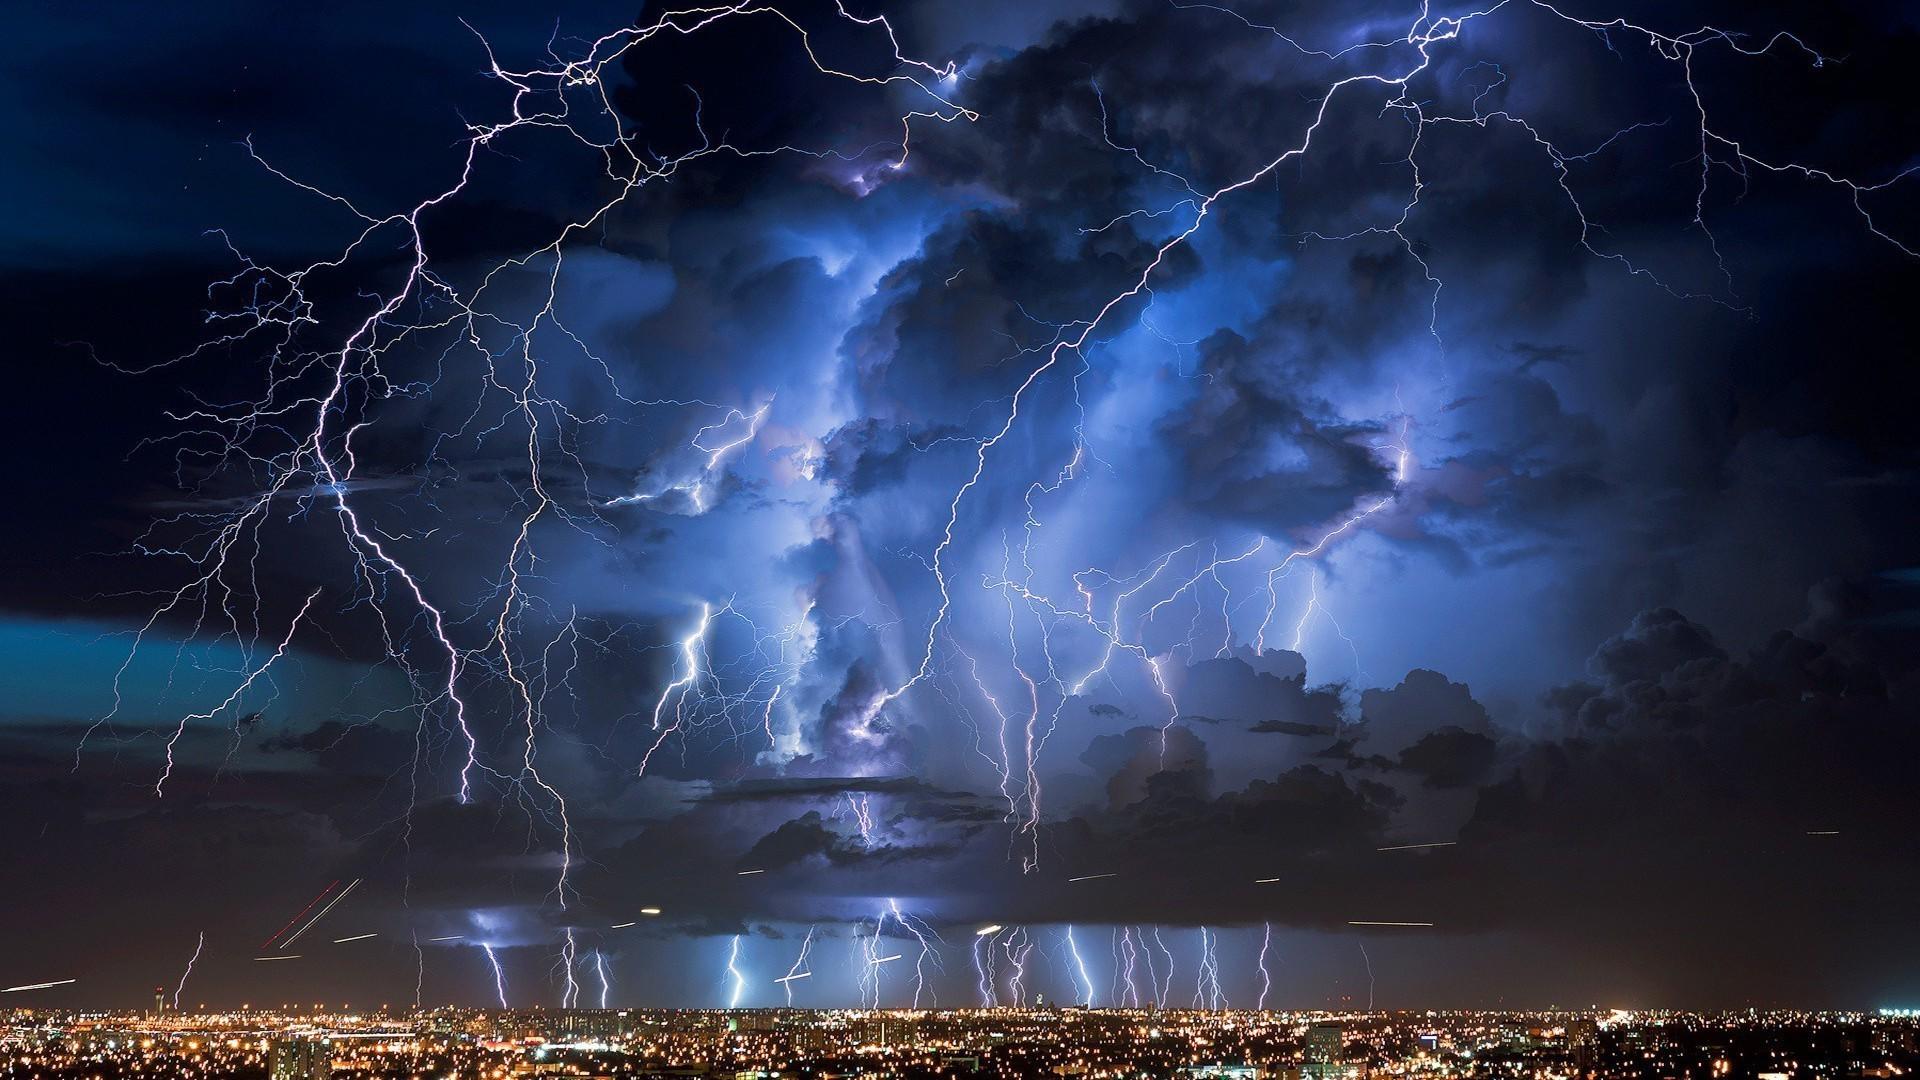 lightning strike wallpaper (47+ images)